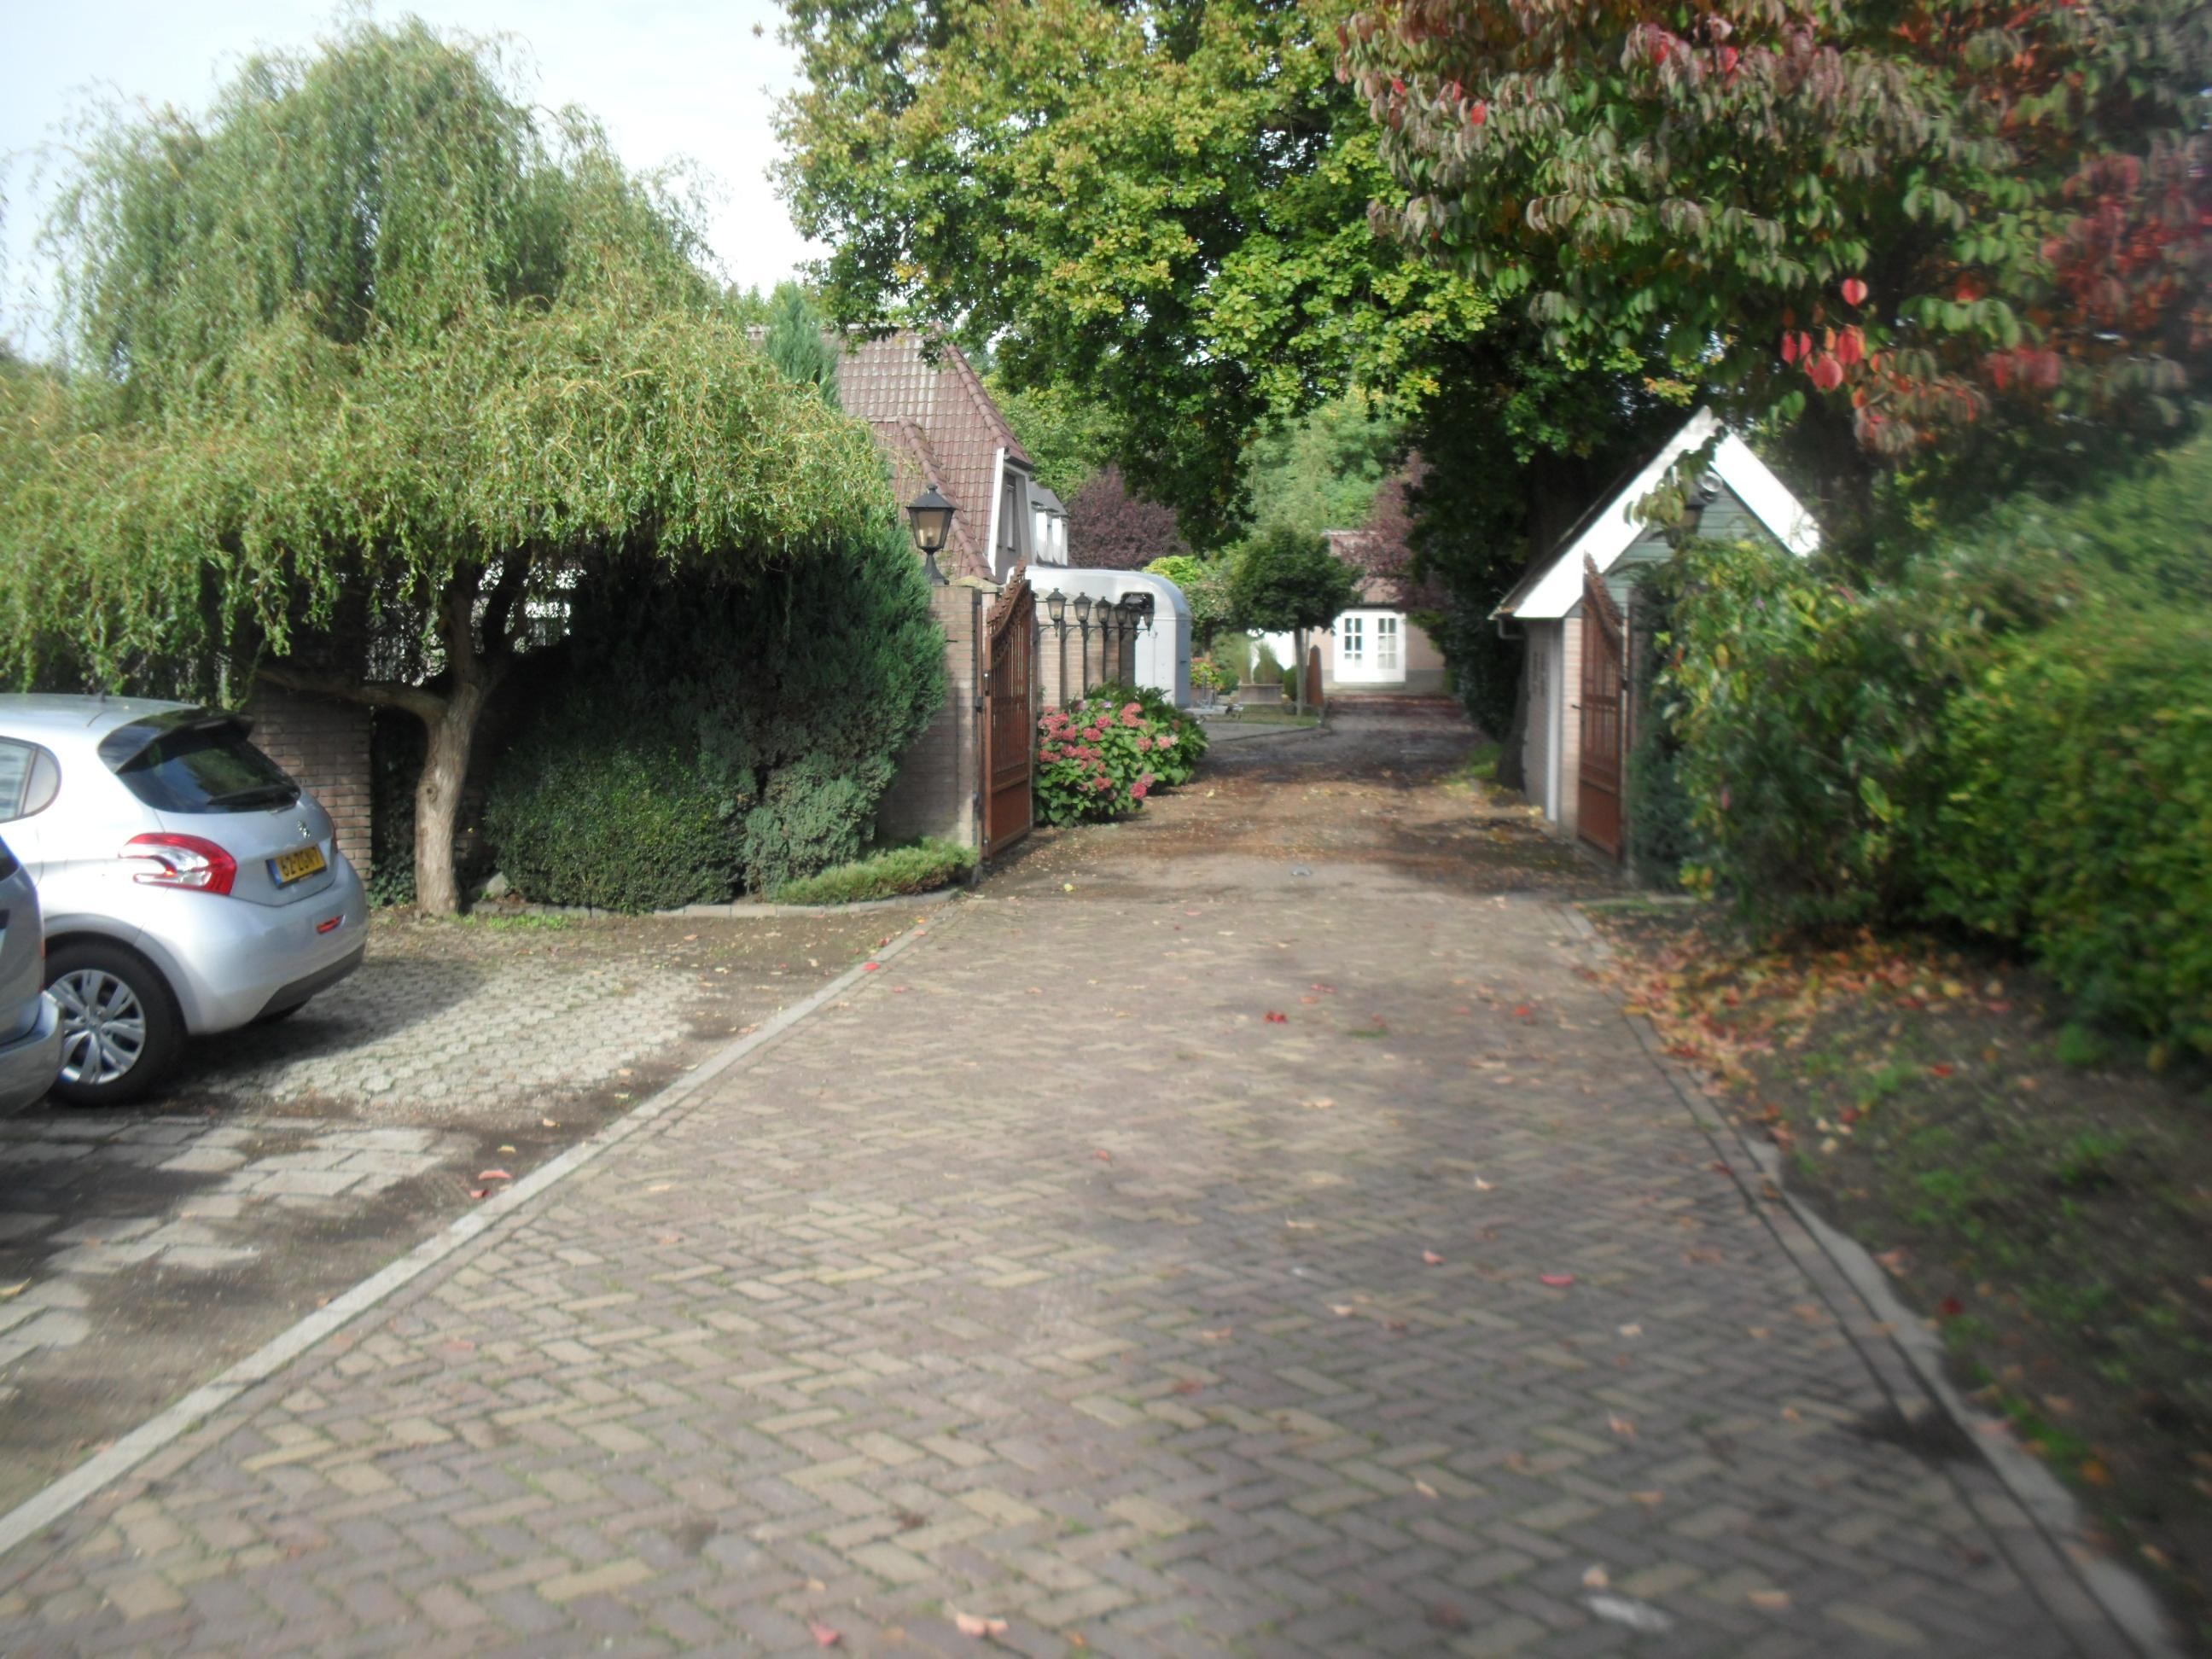 inrit naar Dorpsstraat 94, 96 en 98